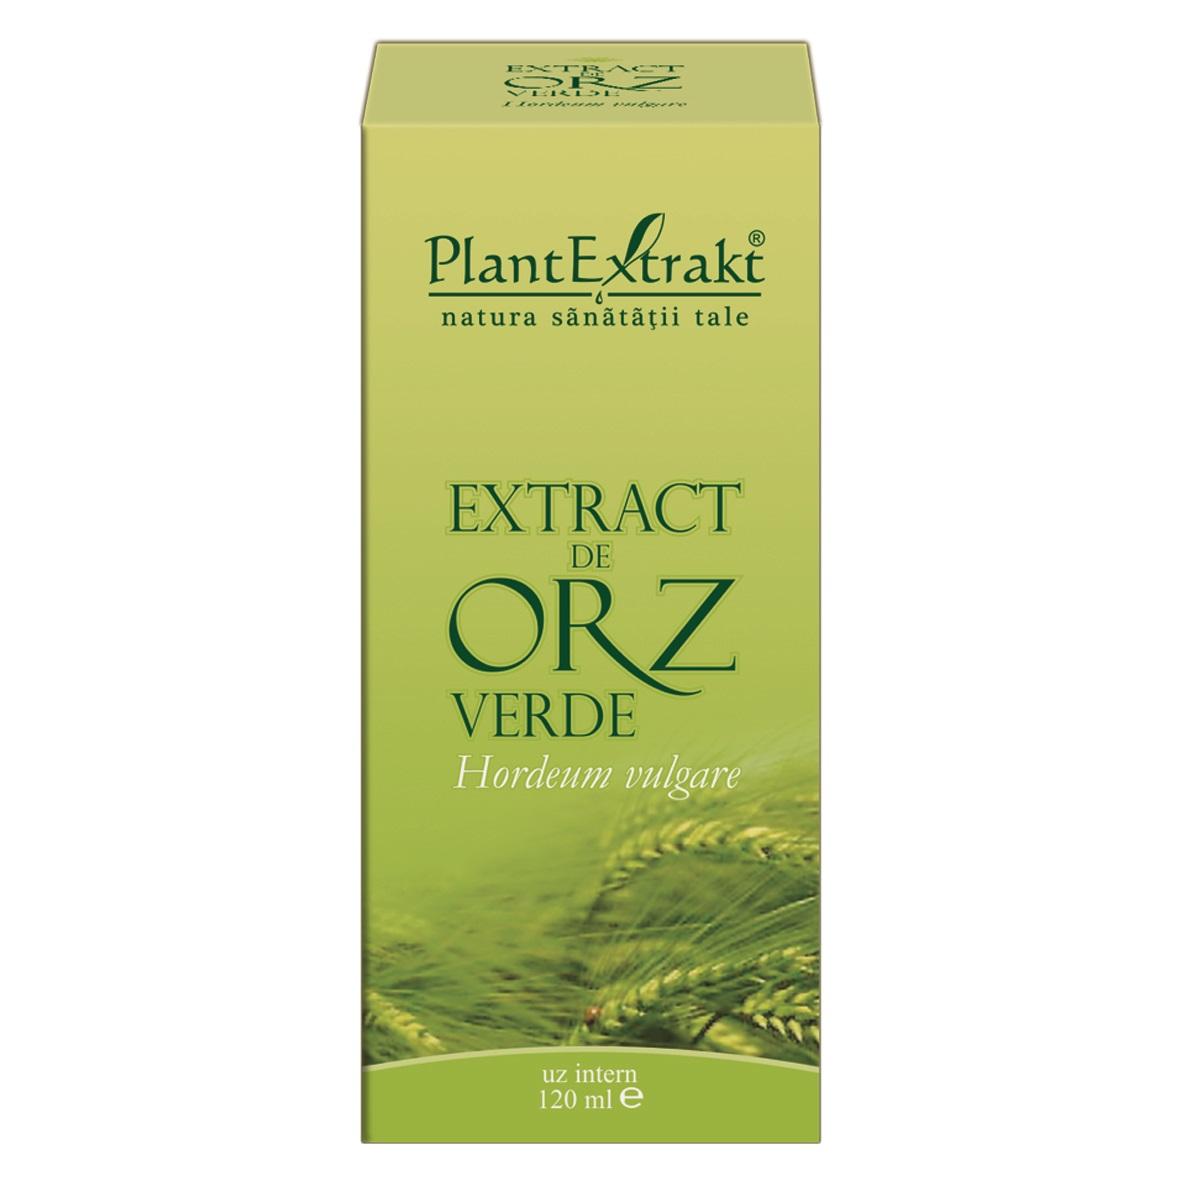 Extract de orz verde, 120ml, Plant Extrakt drmax.ro